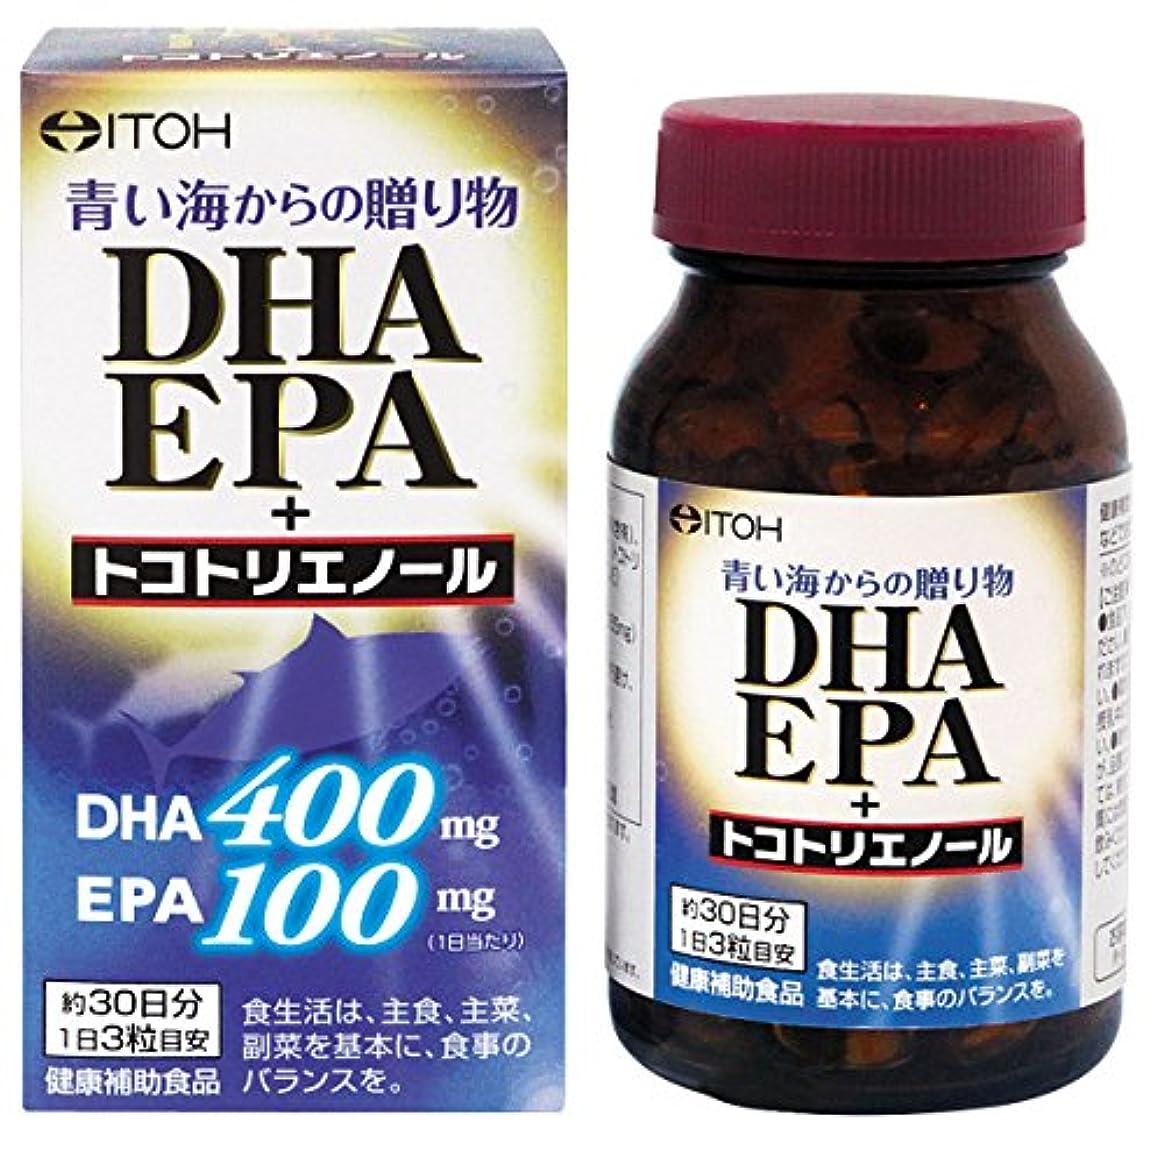 注目すべきチケット割り込み井藤漢方製薬 DHA EPA+トコトリエノール 約30日分 90粒